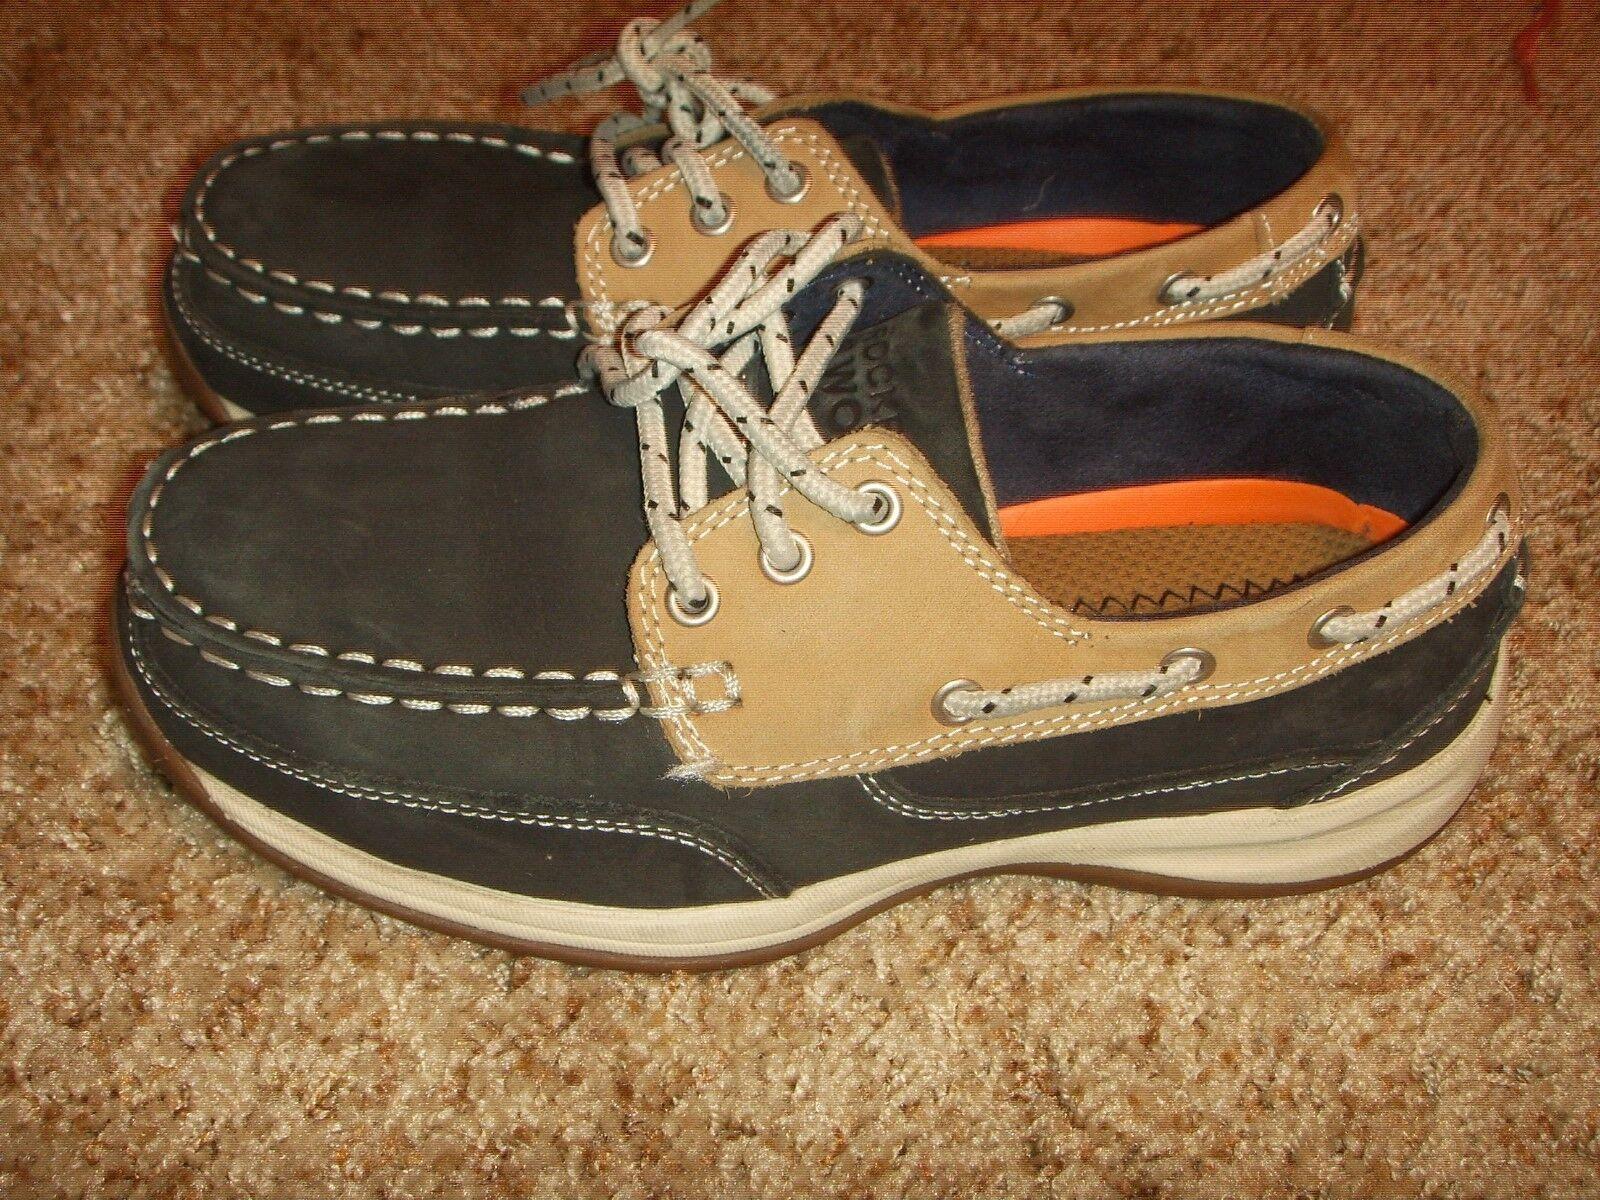 Rockport Sailing Club RK670 Navy Steel Toe 3 Eye Tie Boat Work chaussures femmes 6.5M